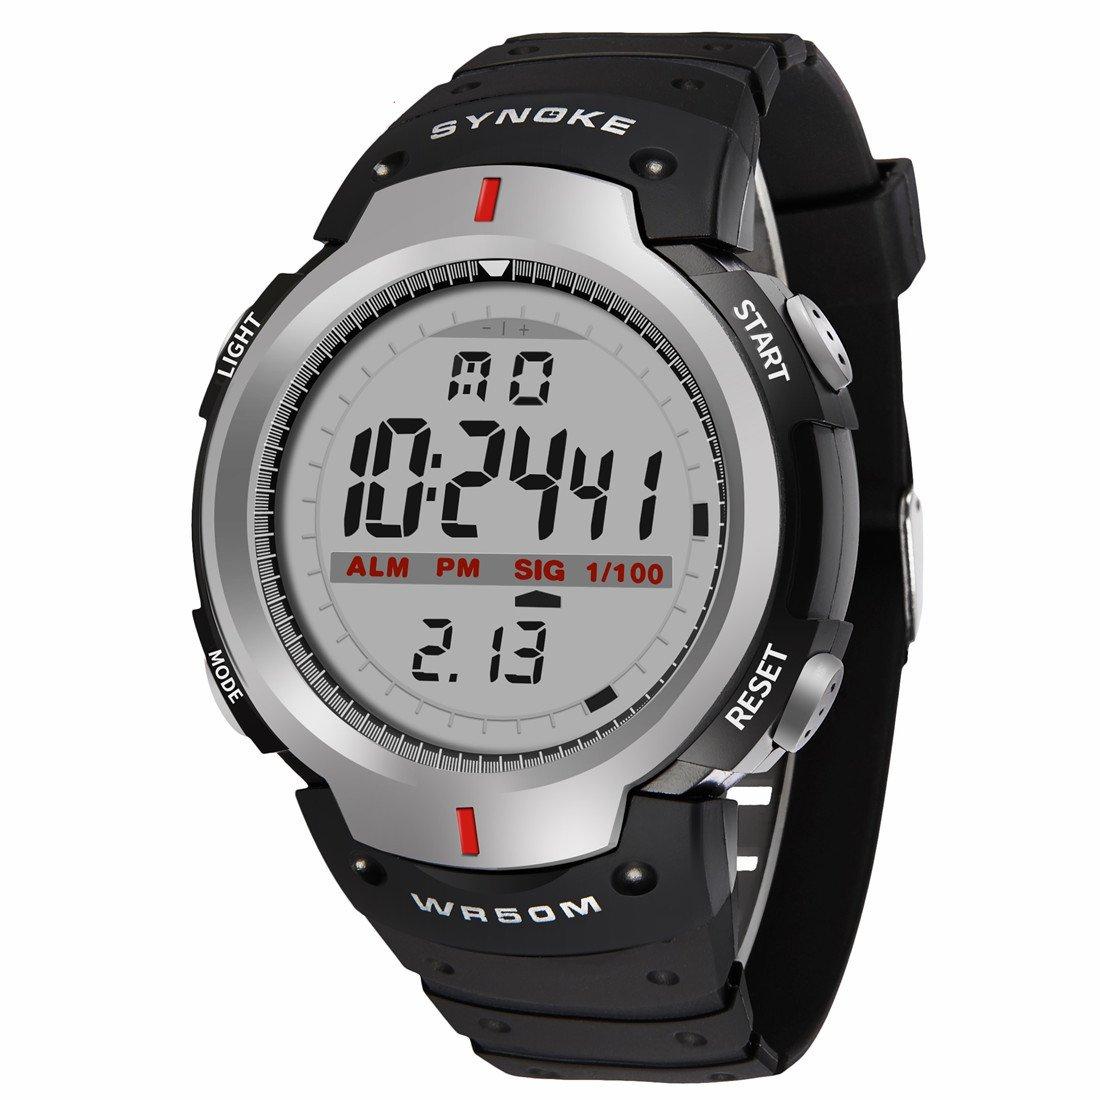 Deportivos Hombre Relojes - Correa de Caucho Multifuncion EL Light Alarma Calendario 12/24 Hora Digital Relojes de Pulsera para Señor Chicos, Gris